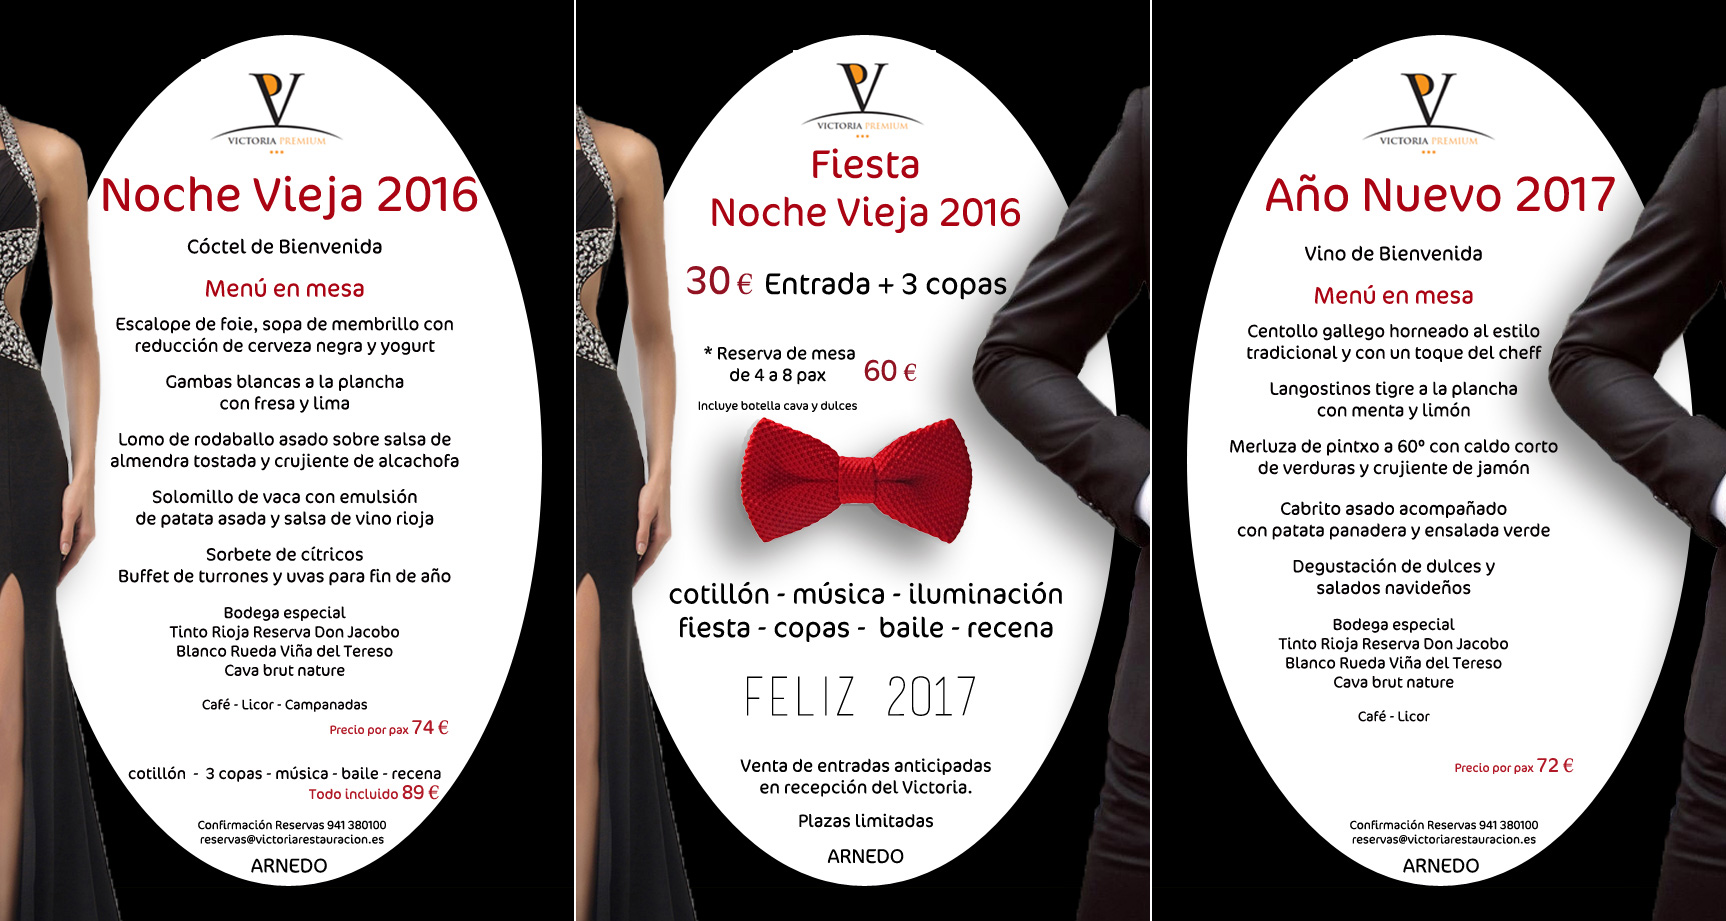 Cena Nochevieja 2016 | Cotillón | Comida Año Nuevo 2017